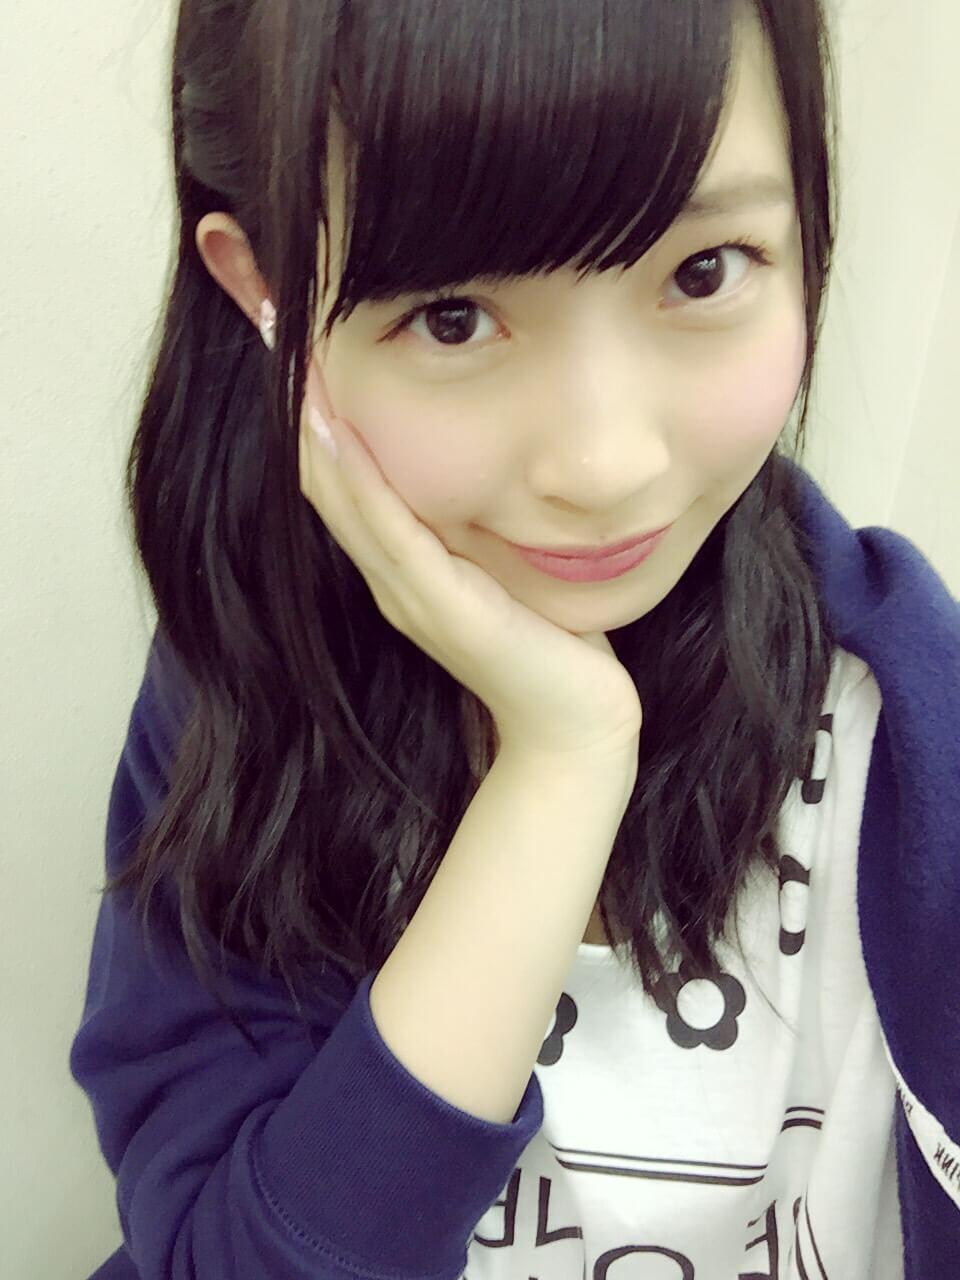 AKB48タイムズ(AKB48まとめ) : 【AKB48】一週間前の土保瑞希 ...